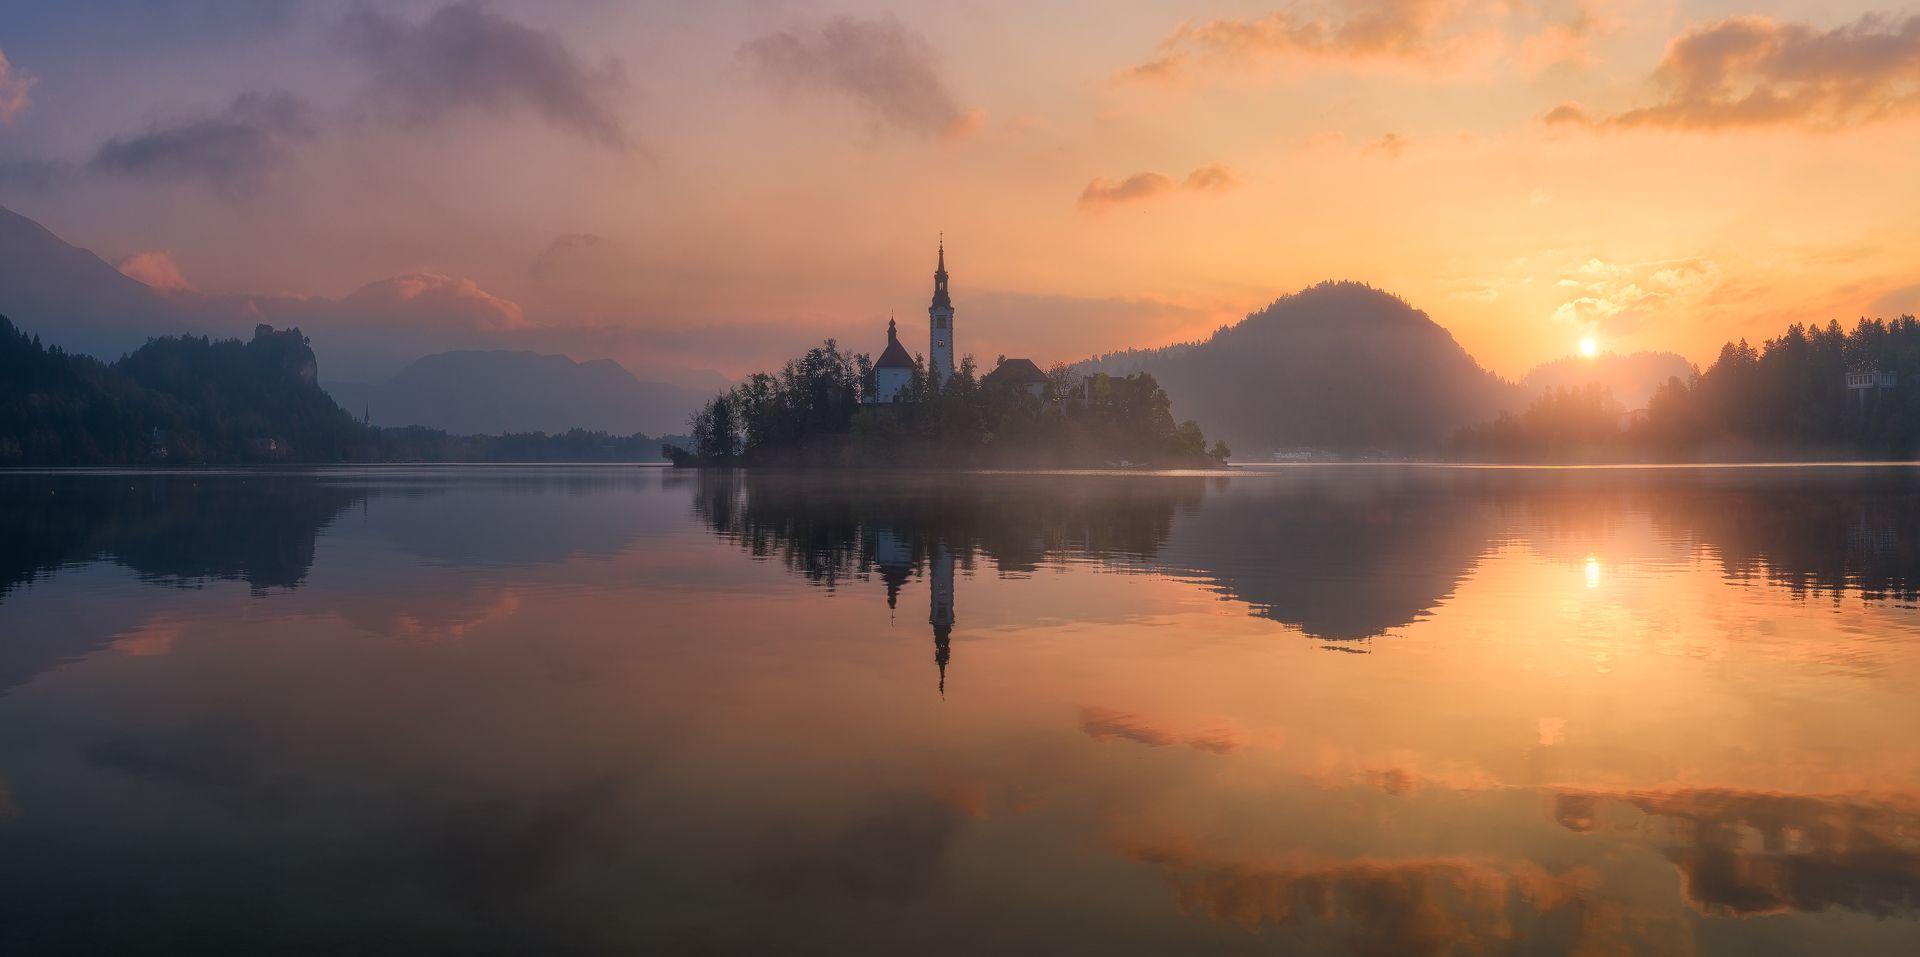 viaje fotografico a eslovenia